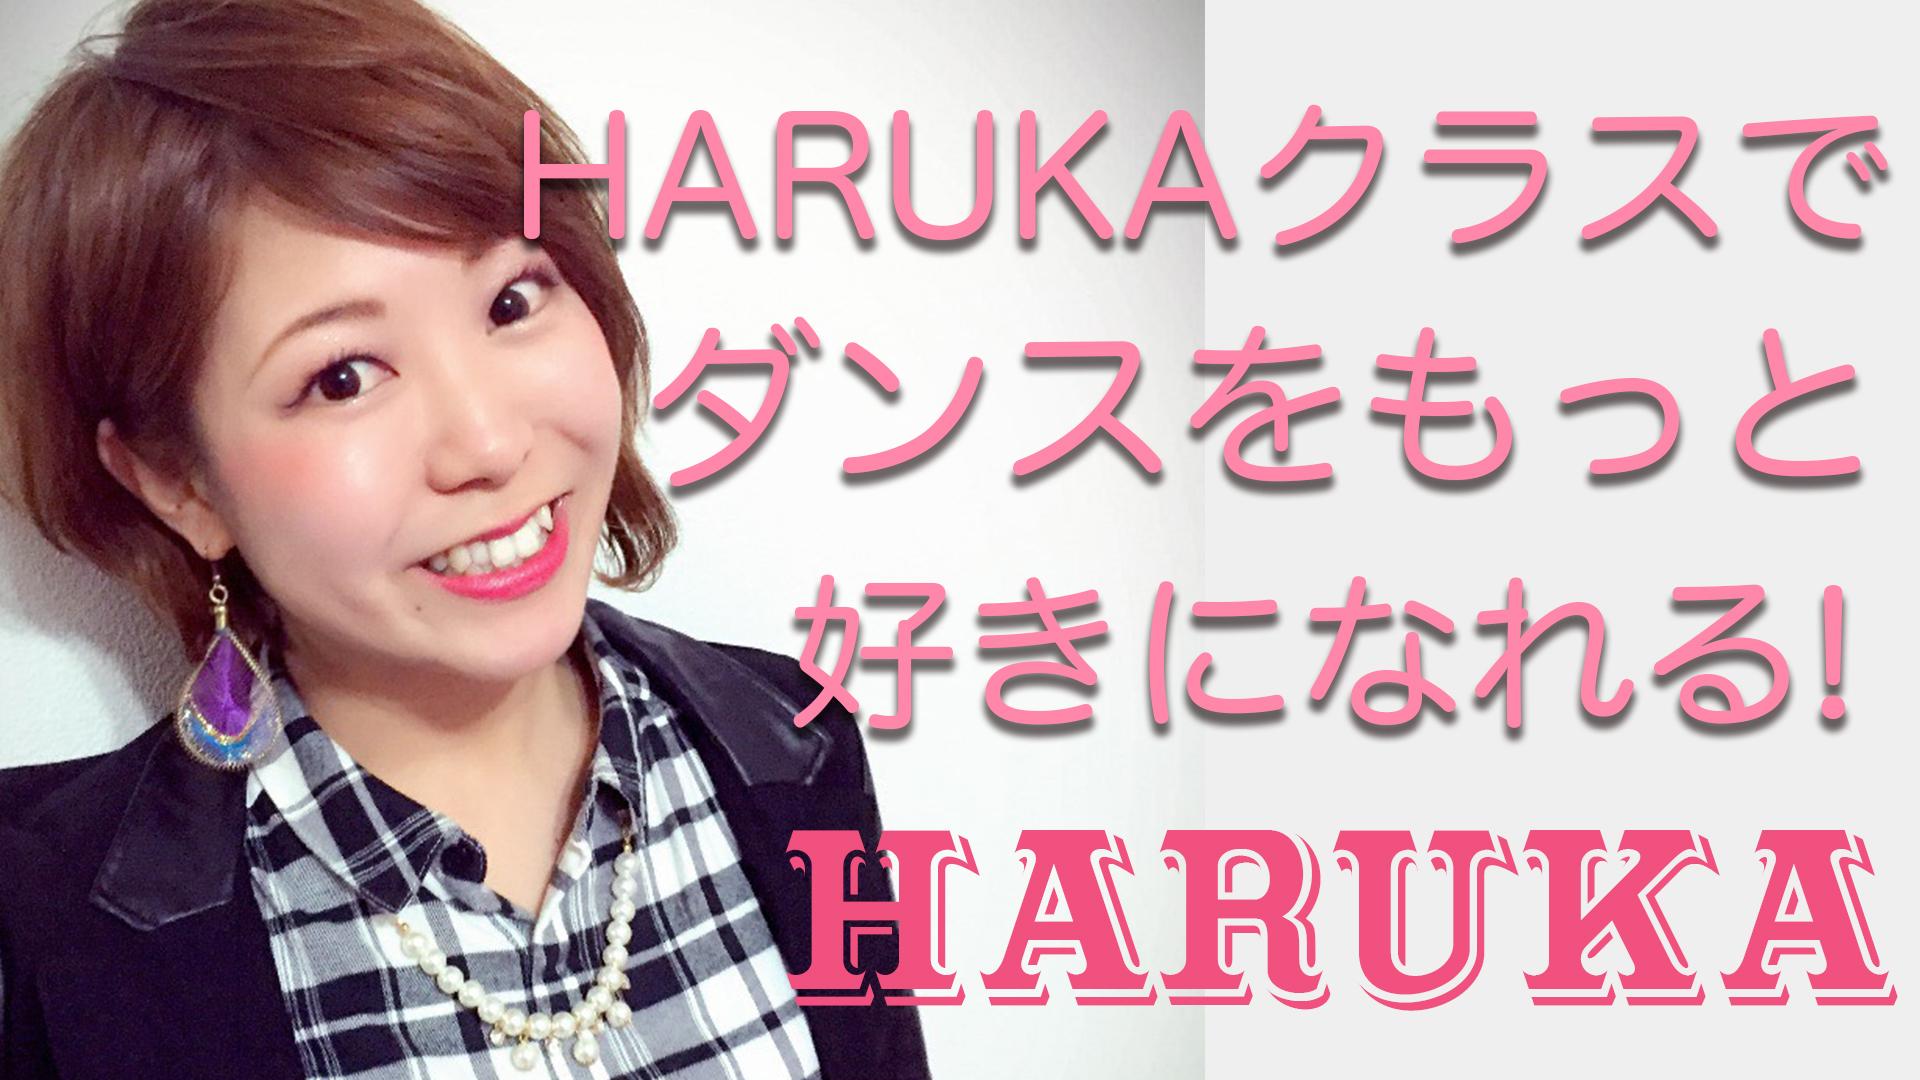 ついにHARUKAがドットカラーに復帰!福岡でダンスが大好きな方に体感してほしい!